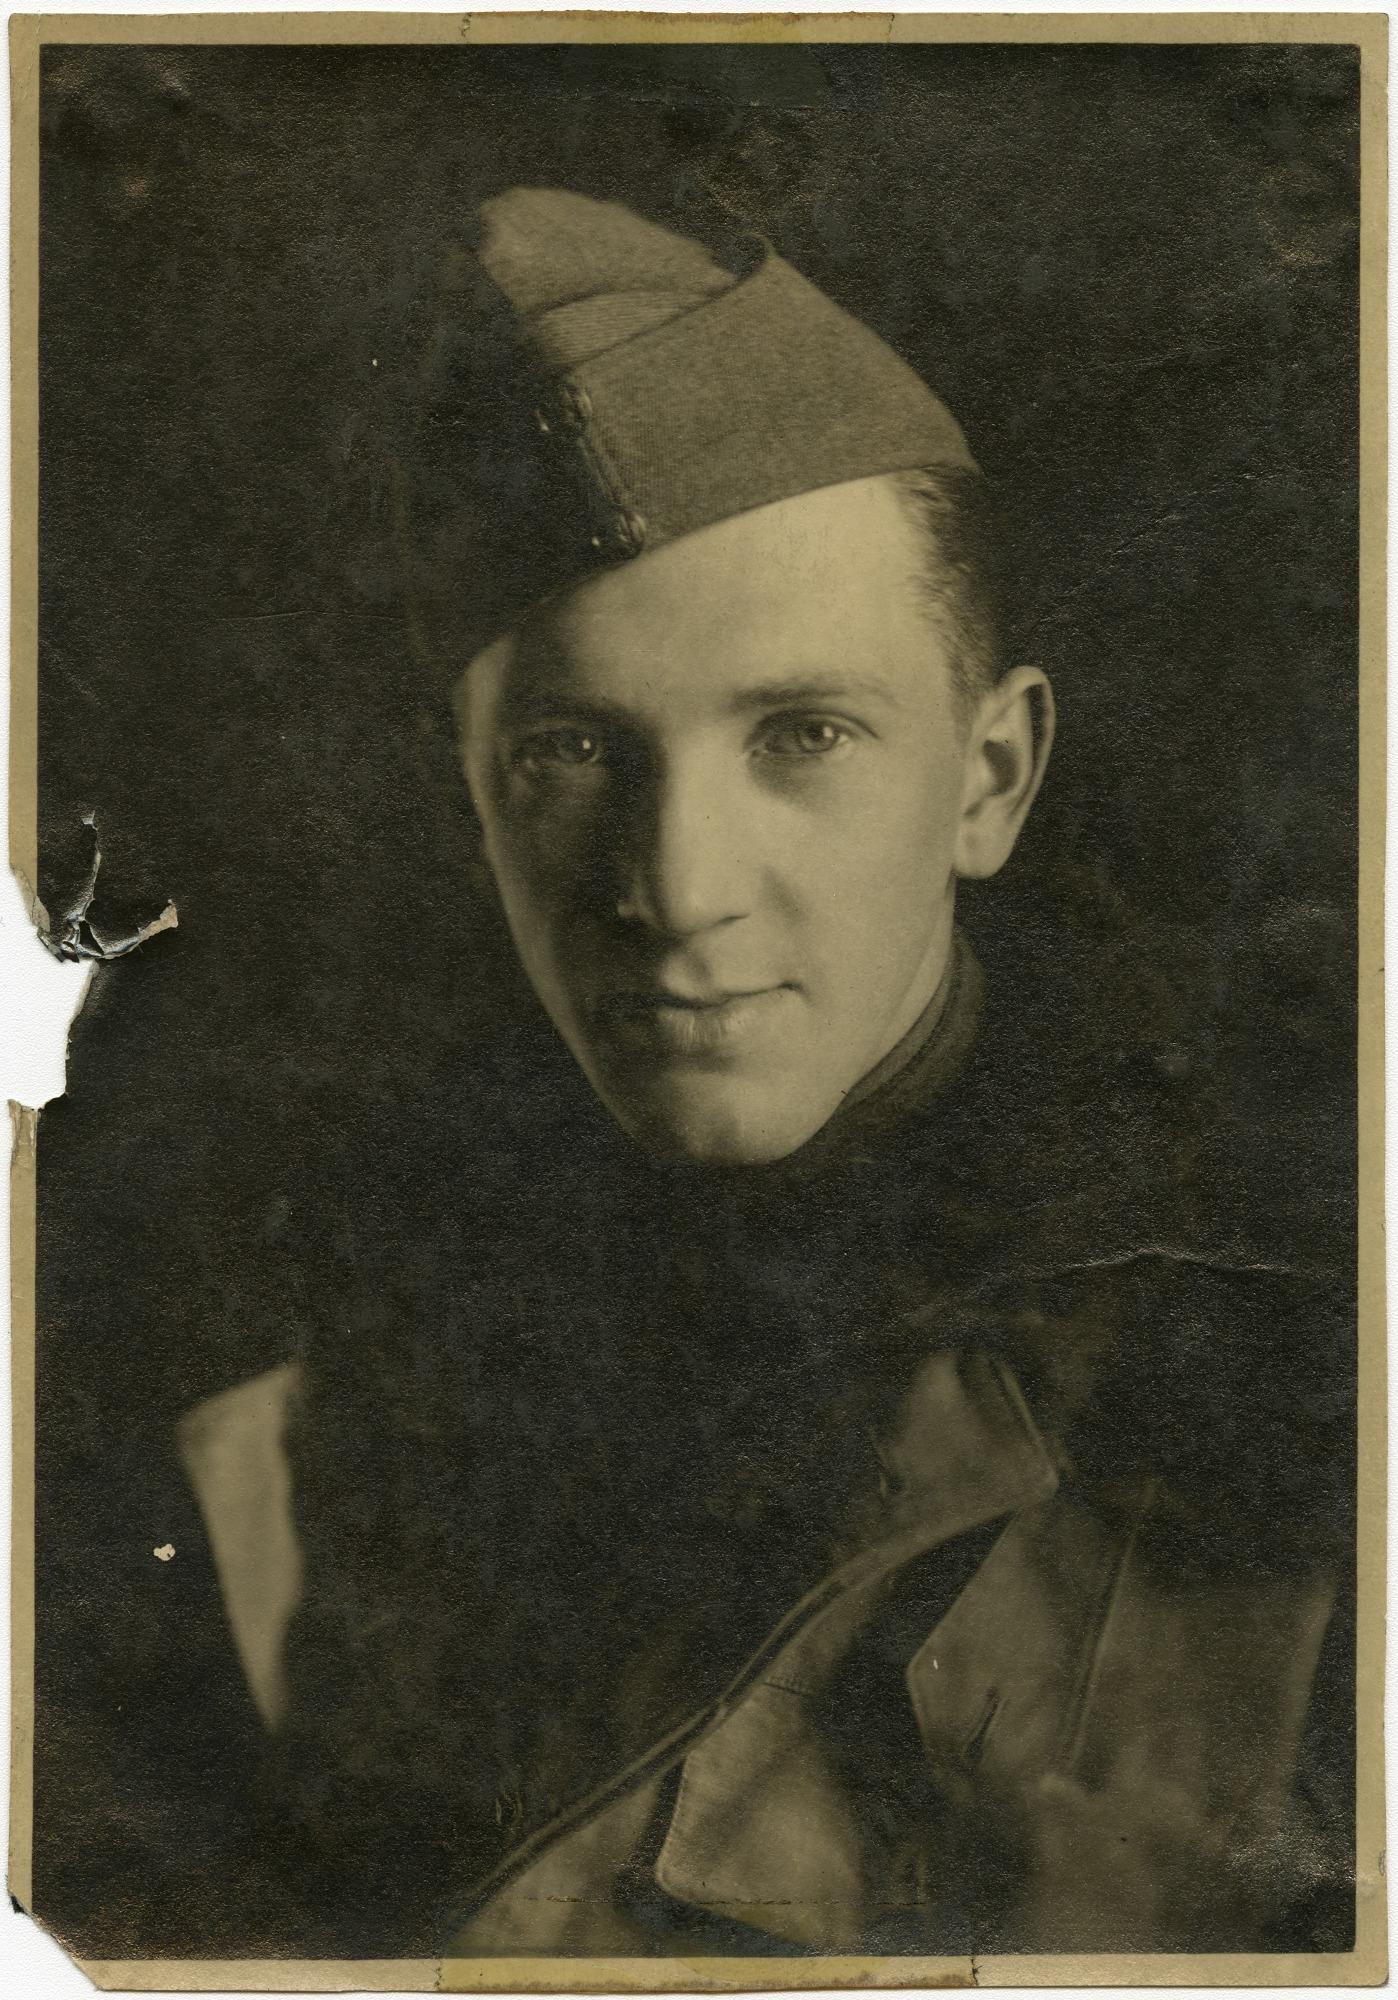 World War I 14th Balloon Photo Section Scrapbook Heveran